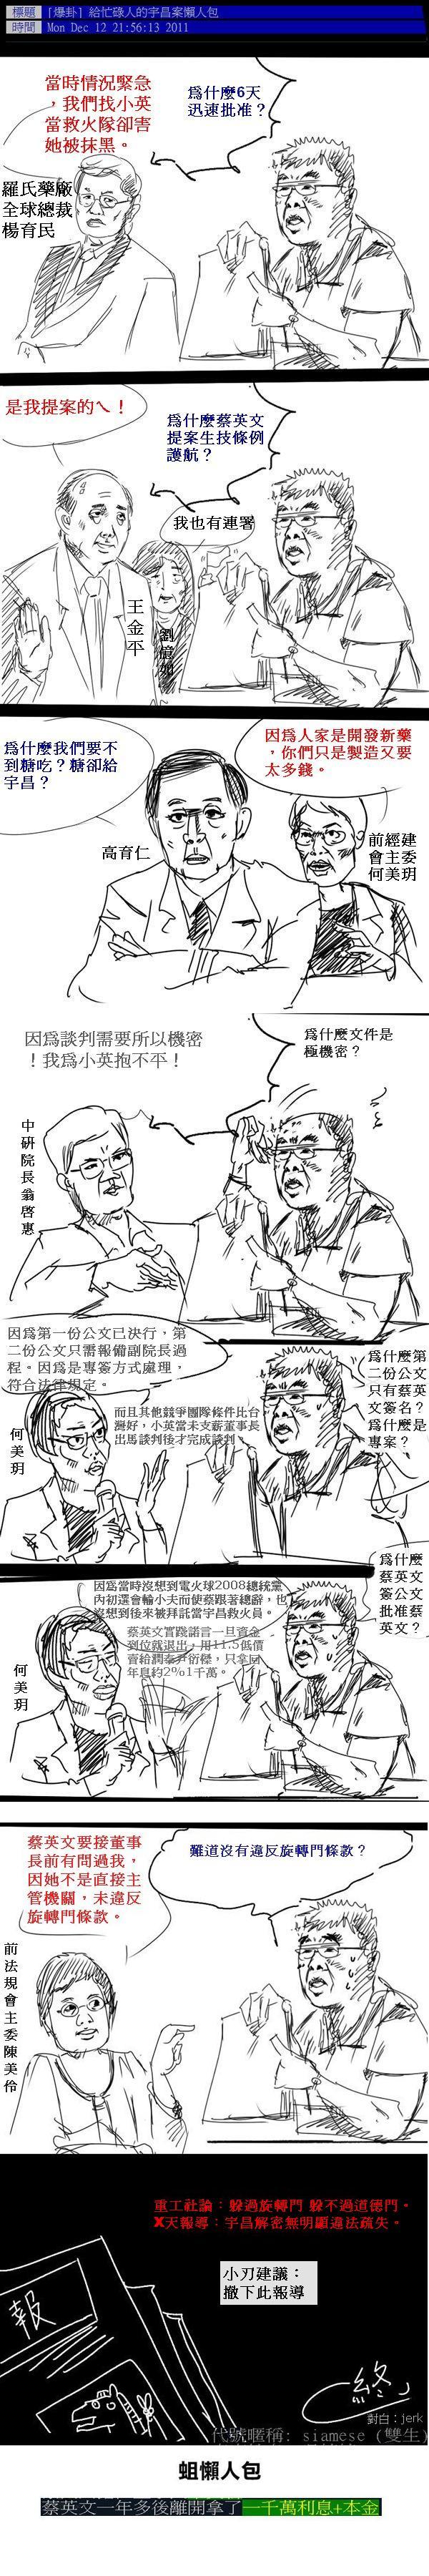 宇昌懶人包 by siamese.jpg